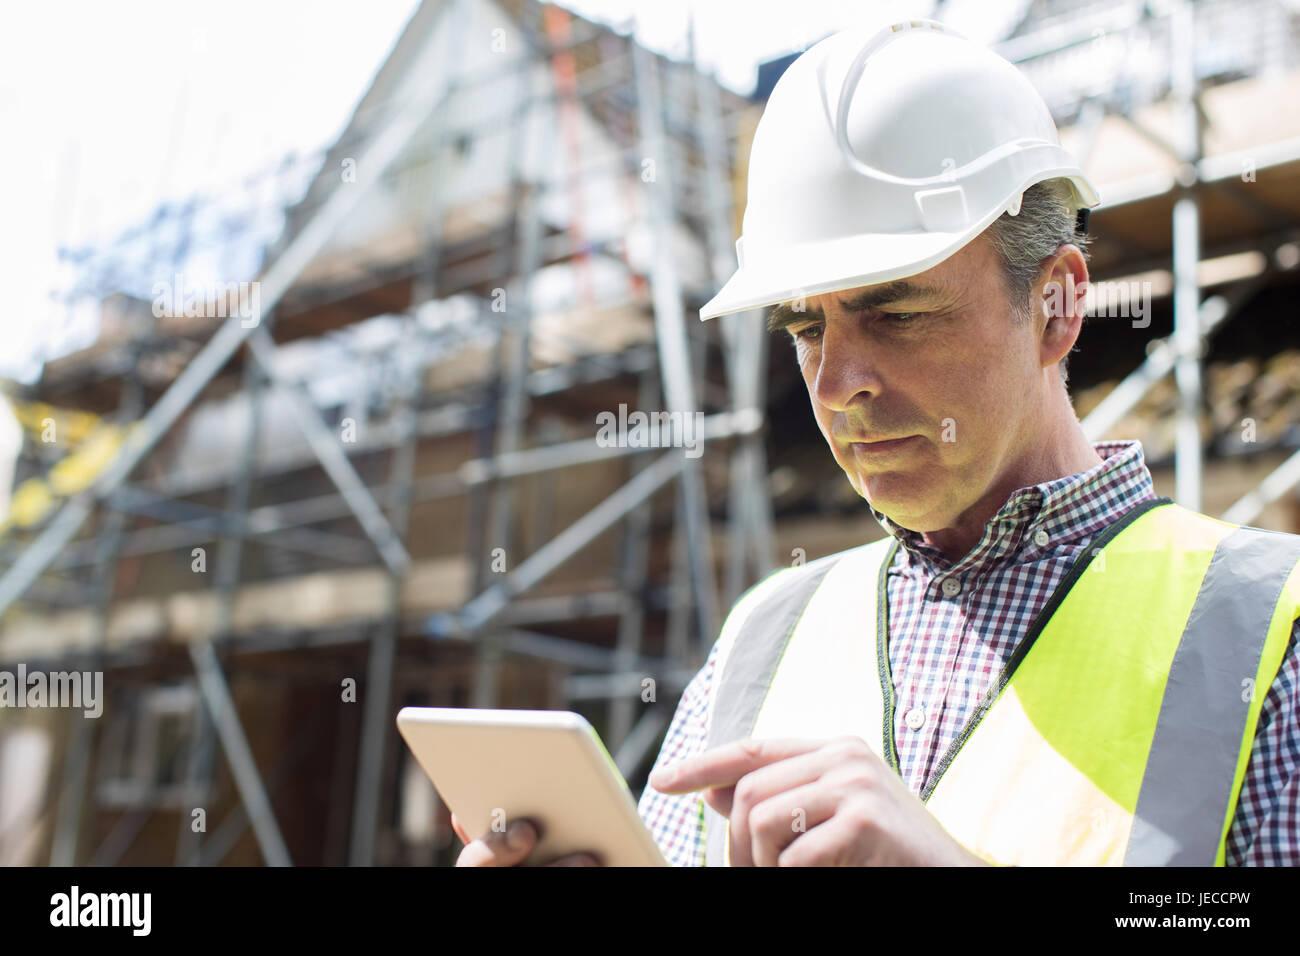 Arquitecto en obra mediante tableta digital Imagen De Stock